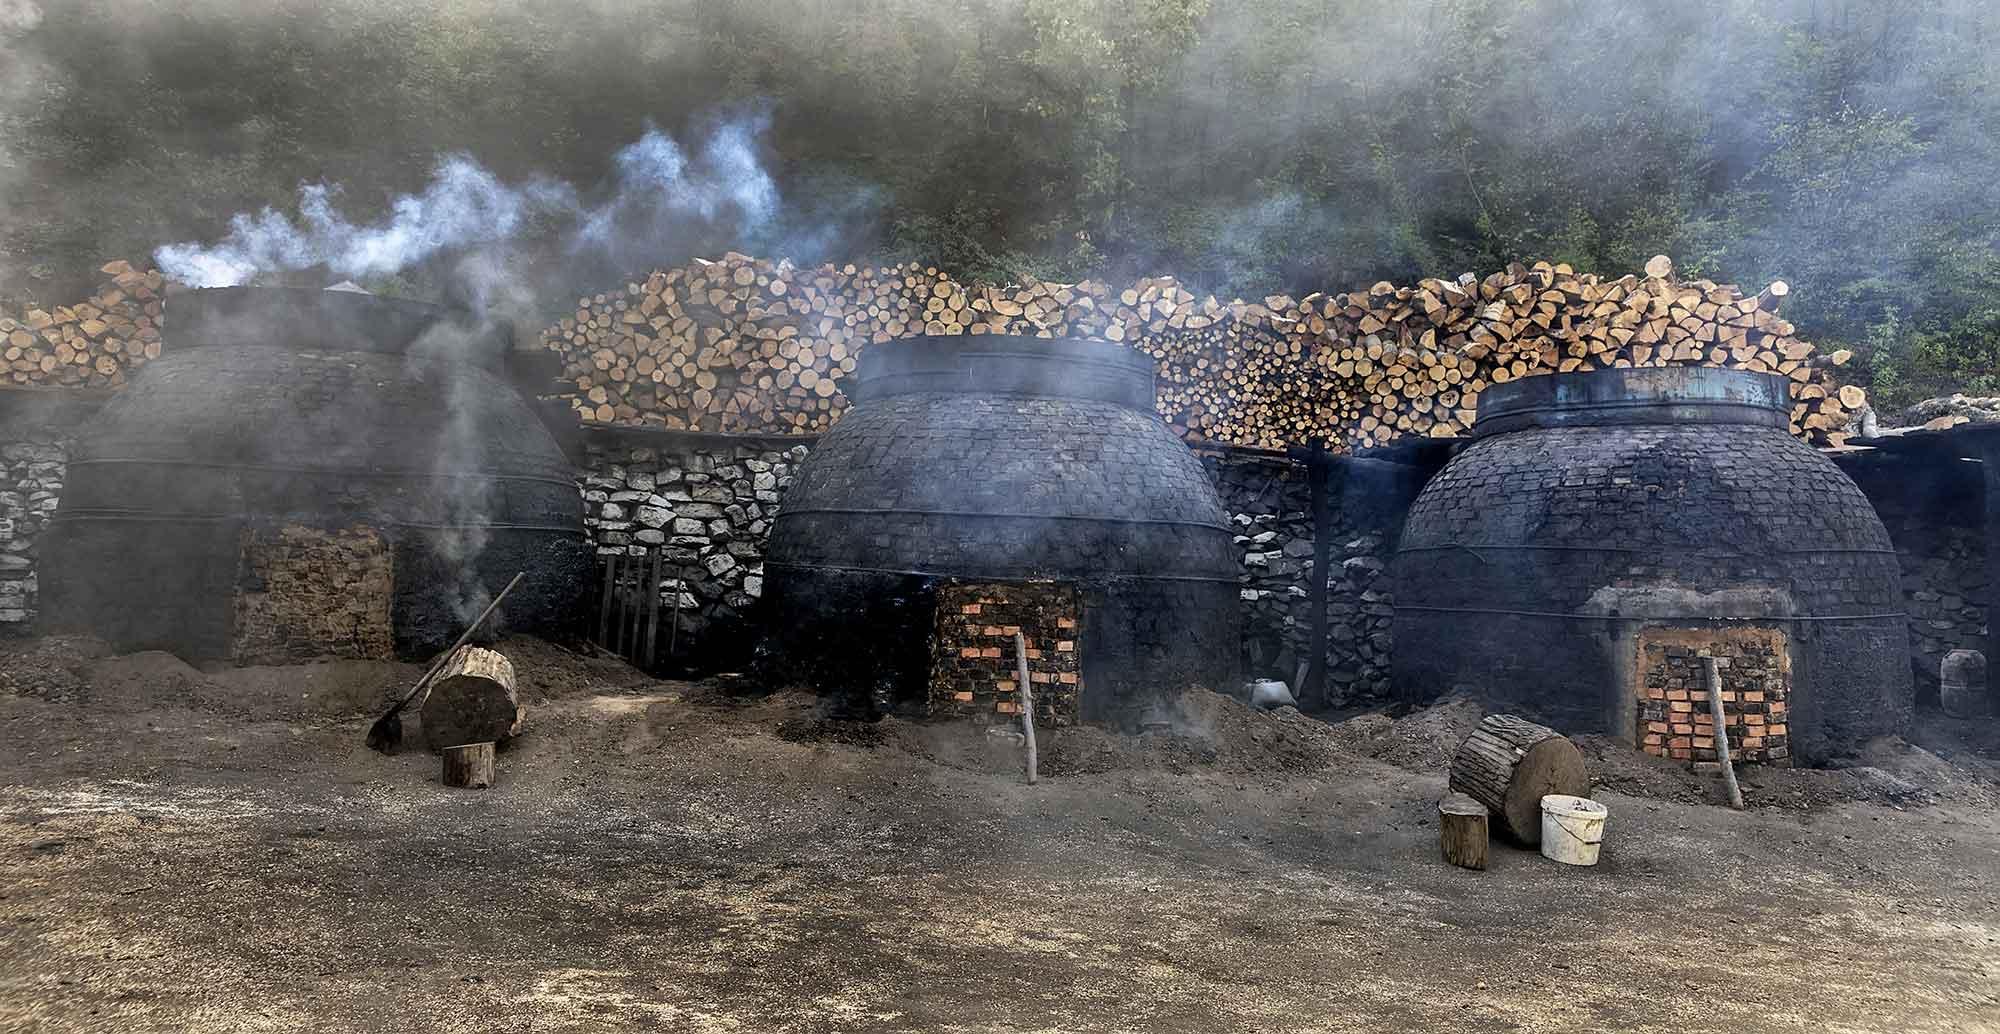 Houtskool maken op de traditionele manier